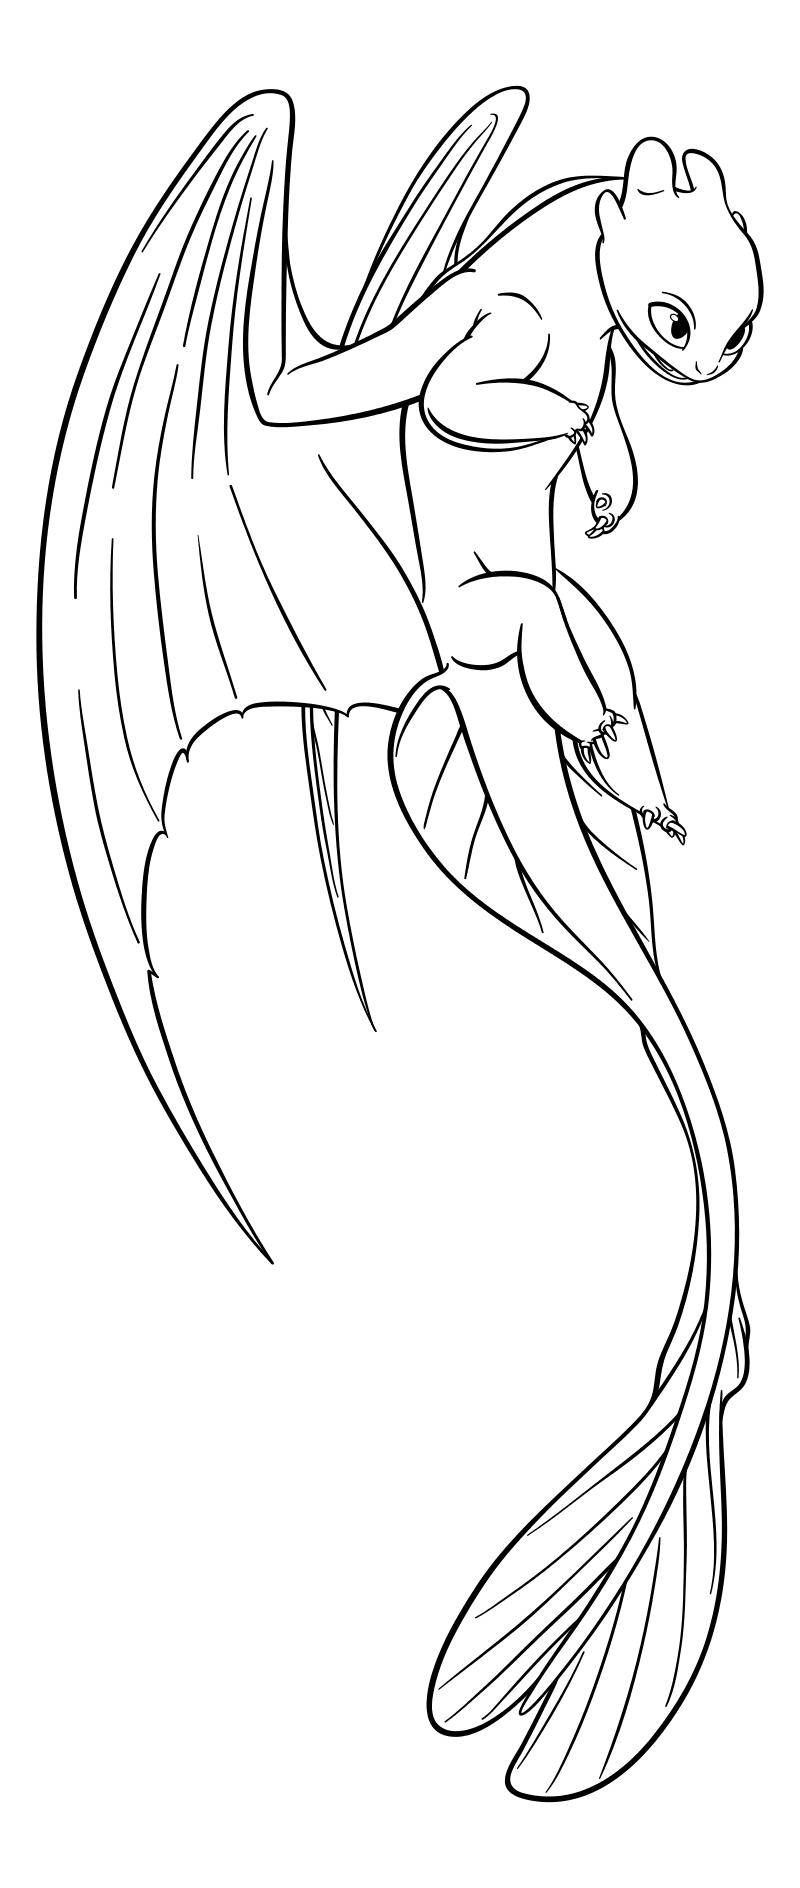 Раскраска - Как приручить дракона 3 - Дневная Фурия | MirChild